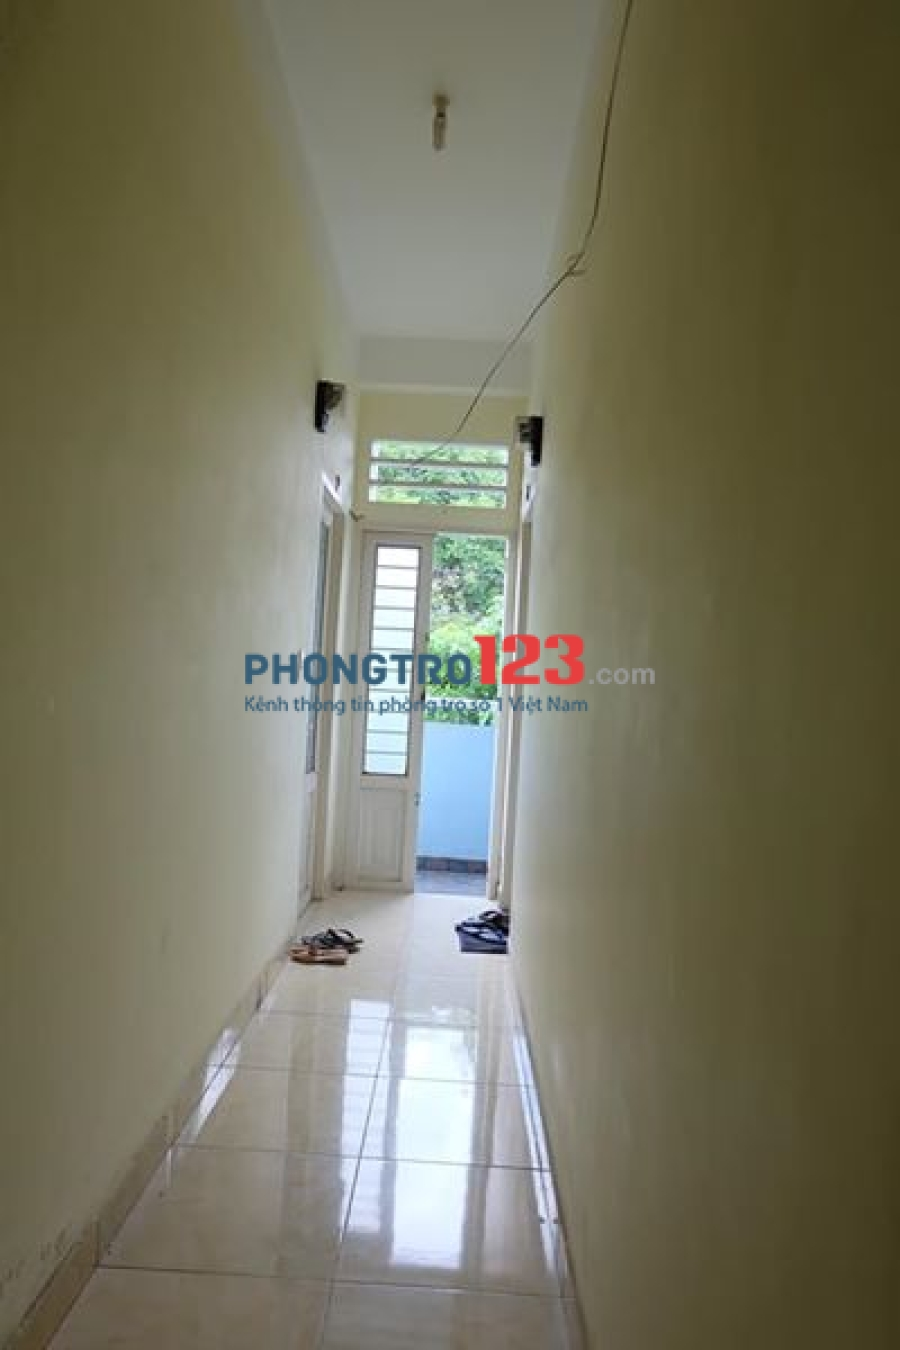 Tuyển một nam ở ghép quận Bình Thạnh, Tp.HCM